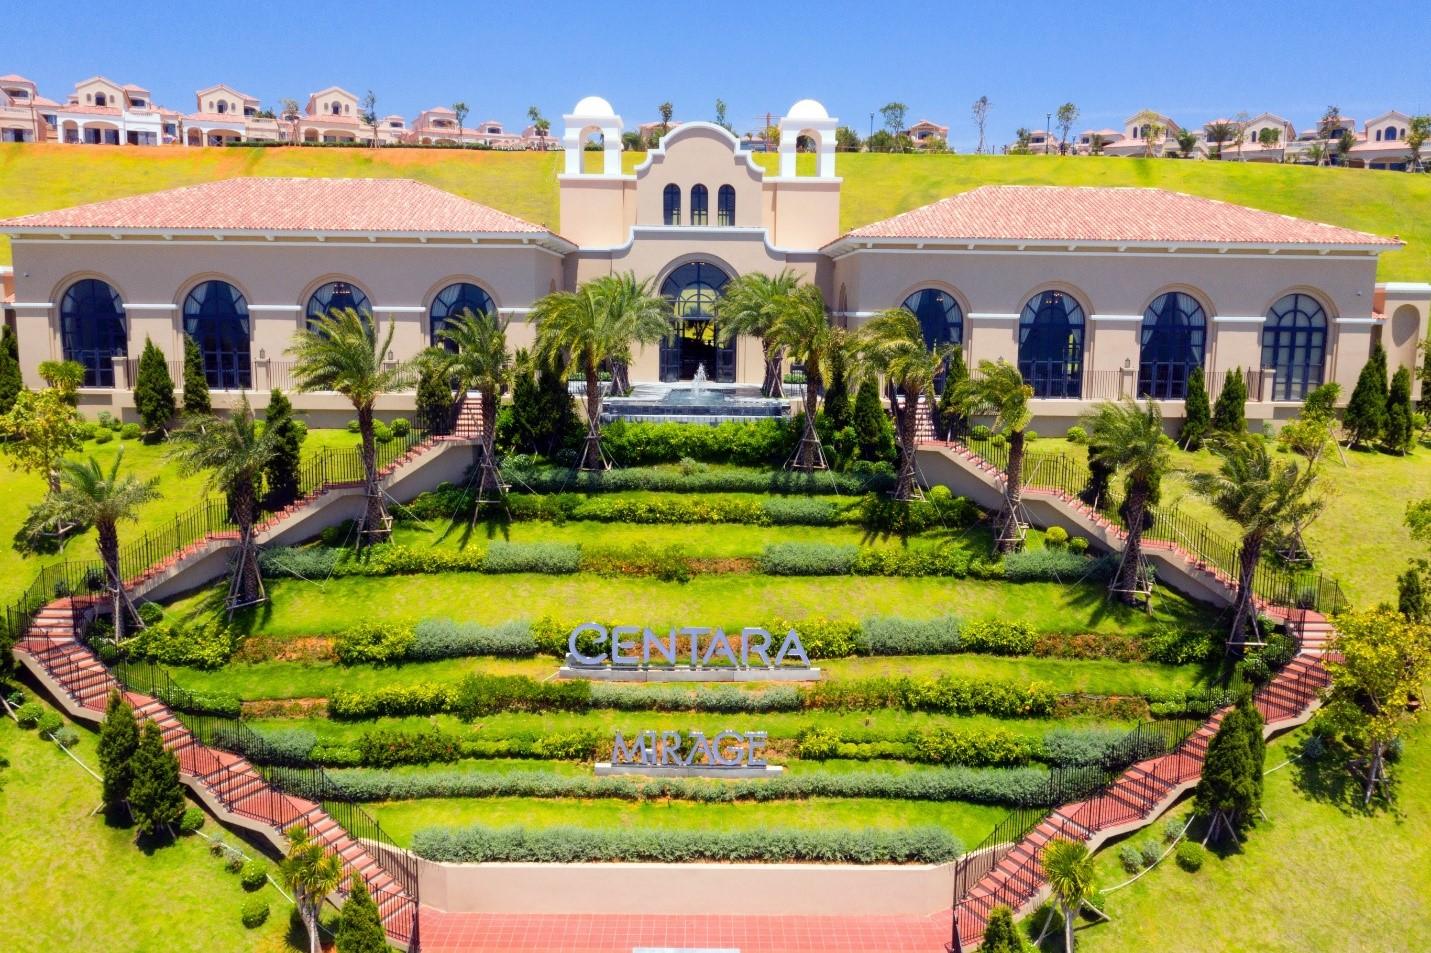 Centara Mirage Resort Mui Ne - địa điểm dự kiến tổ chức sự kiện Hội nghị Liên minh Lãnh đạo Thế giới - Club de Madrid năm 2022. Ảnh: Novaland.